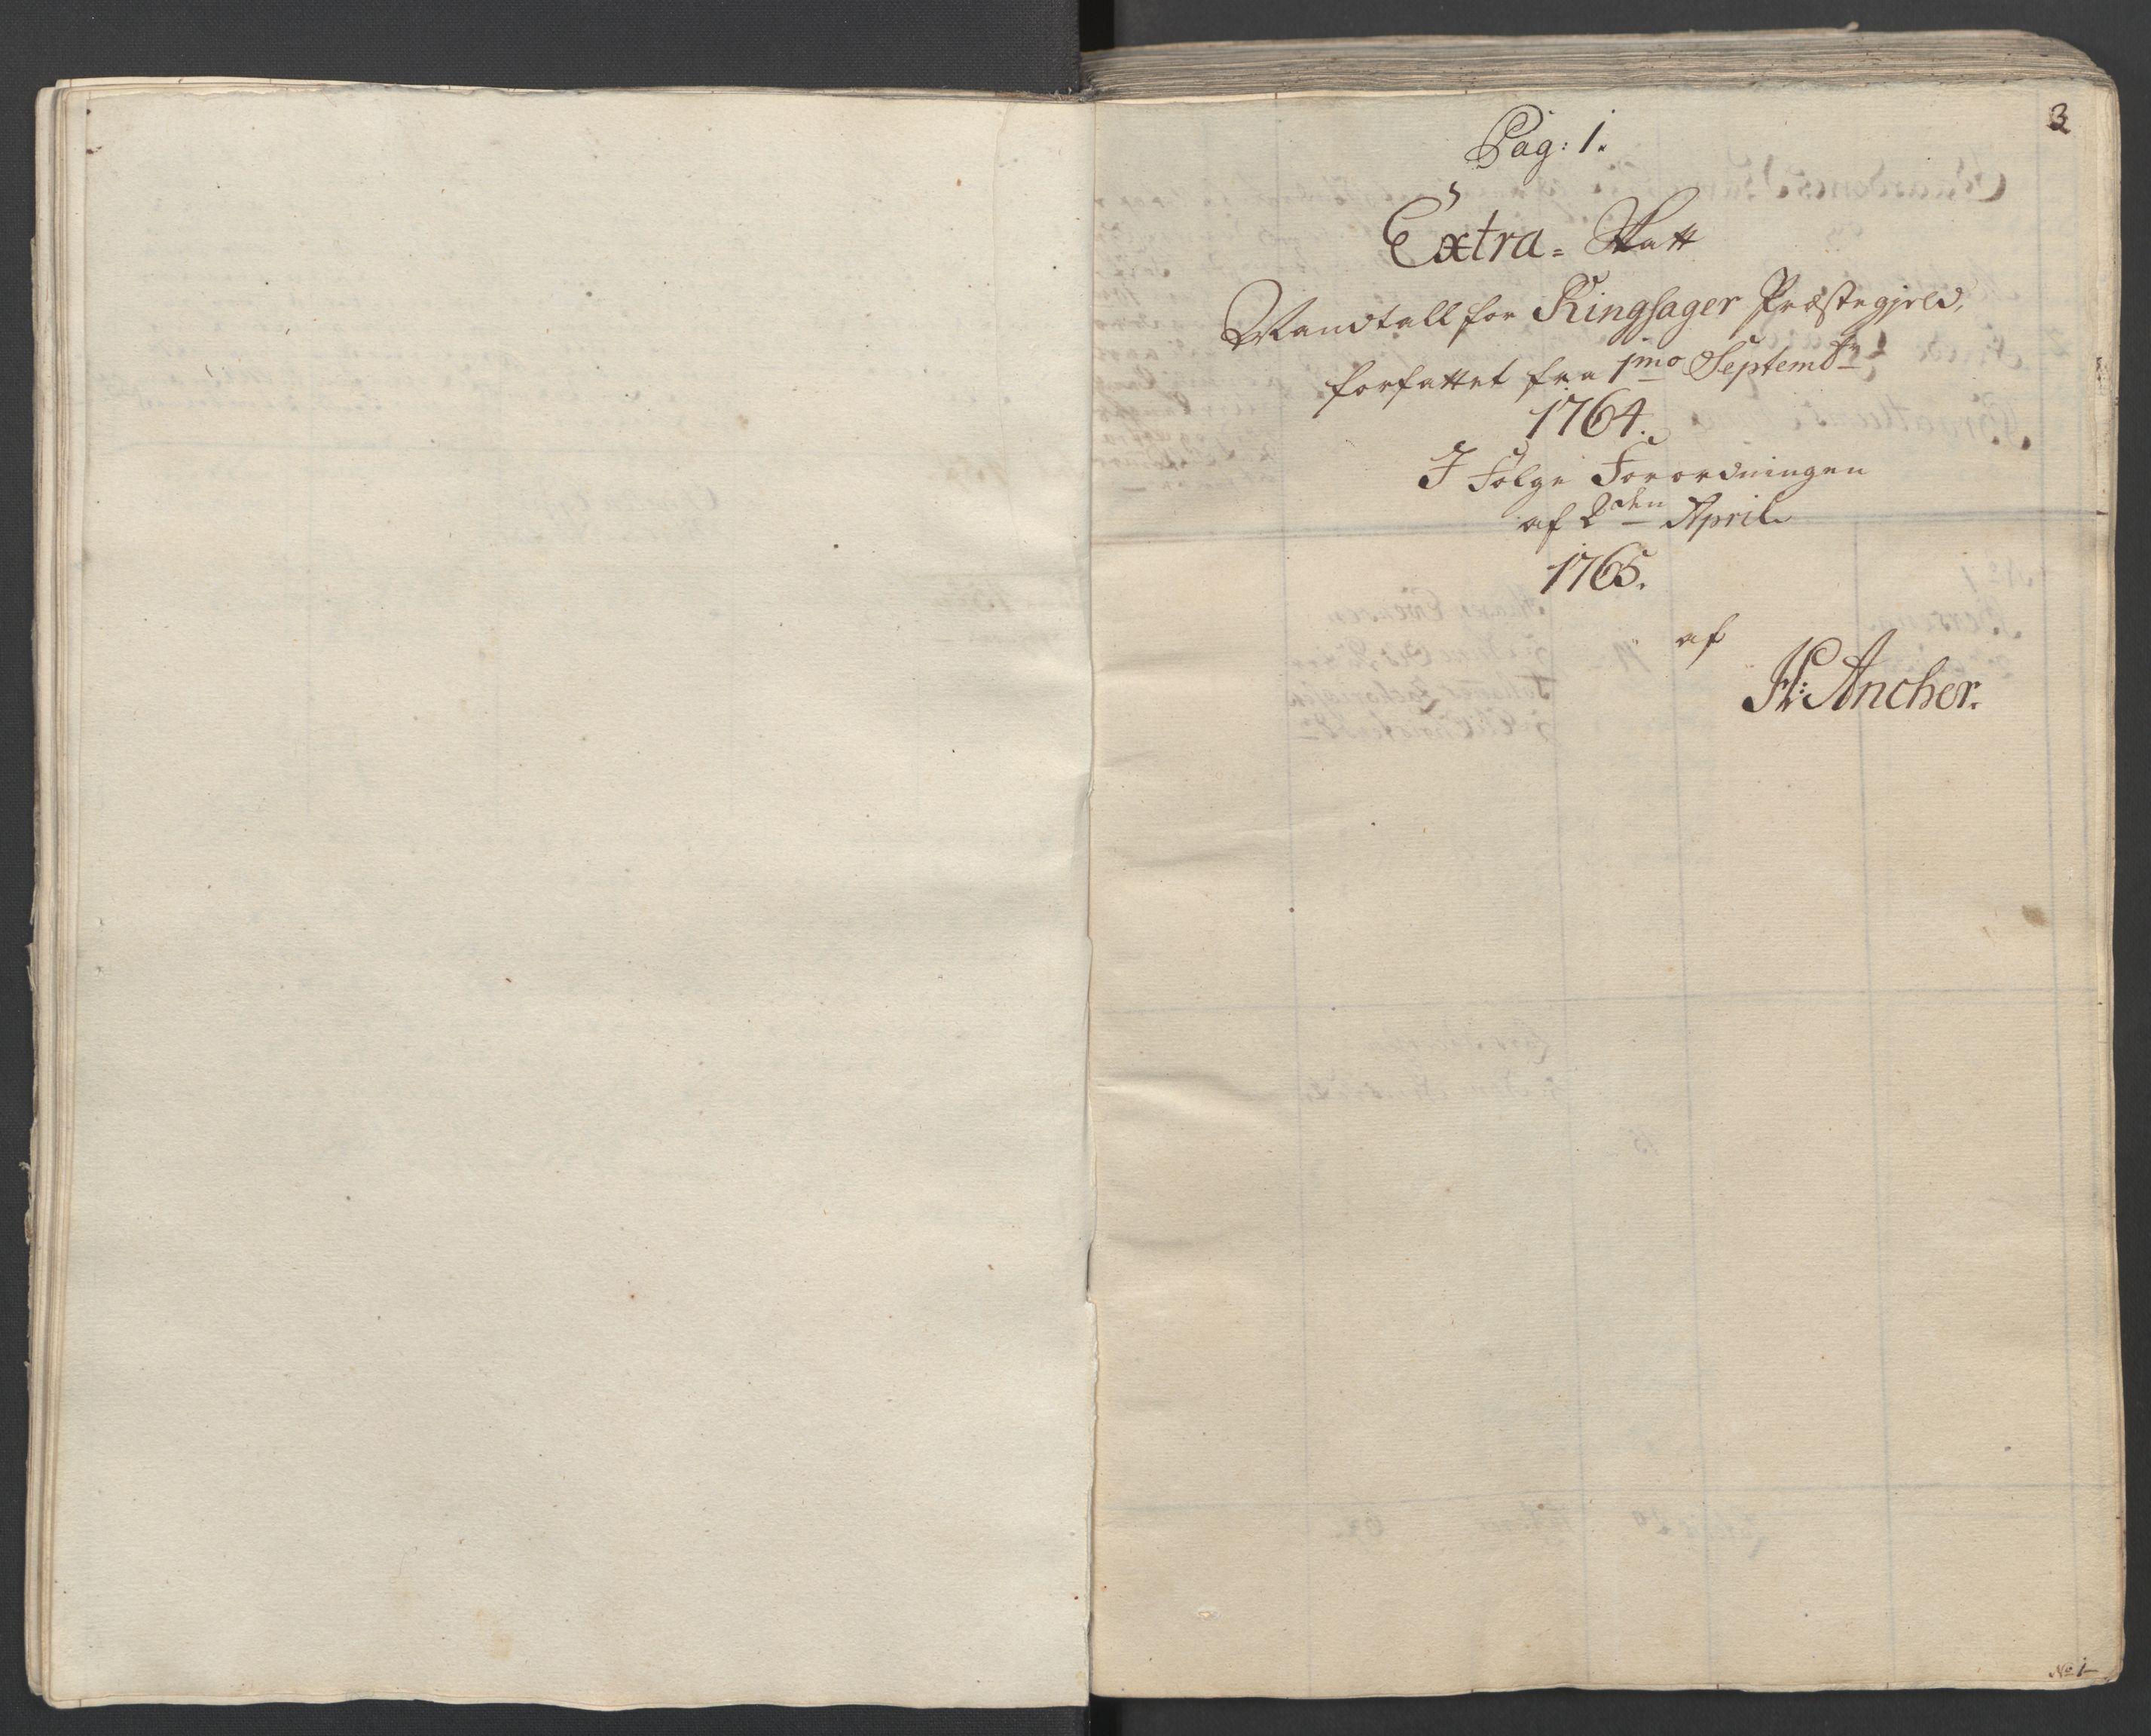 RA, Rentekammeret inntil 1814, Reviderte regnskaper, Fogderegnskap, R16/L1148: Ekstraskatten Hedmark, 1764, s. 32